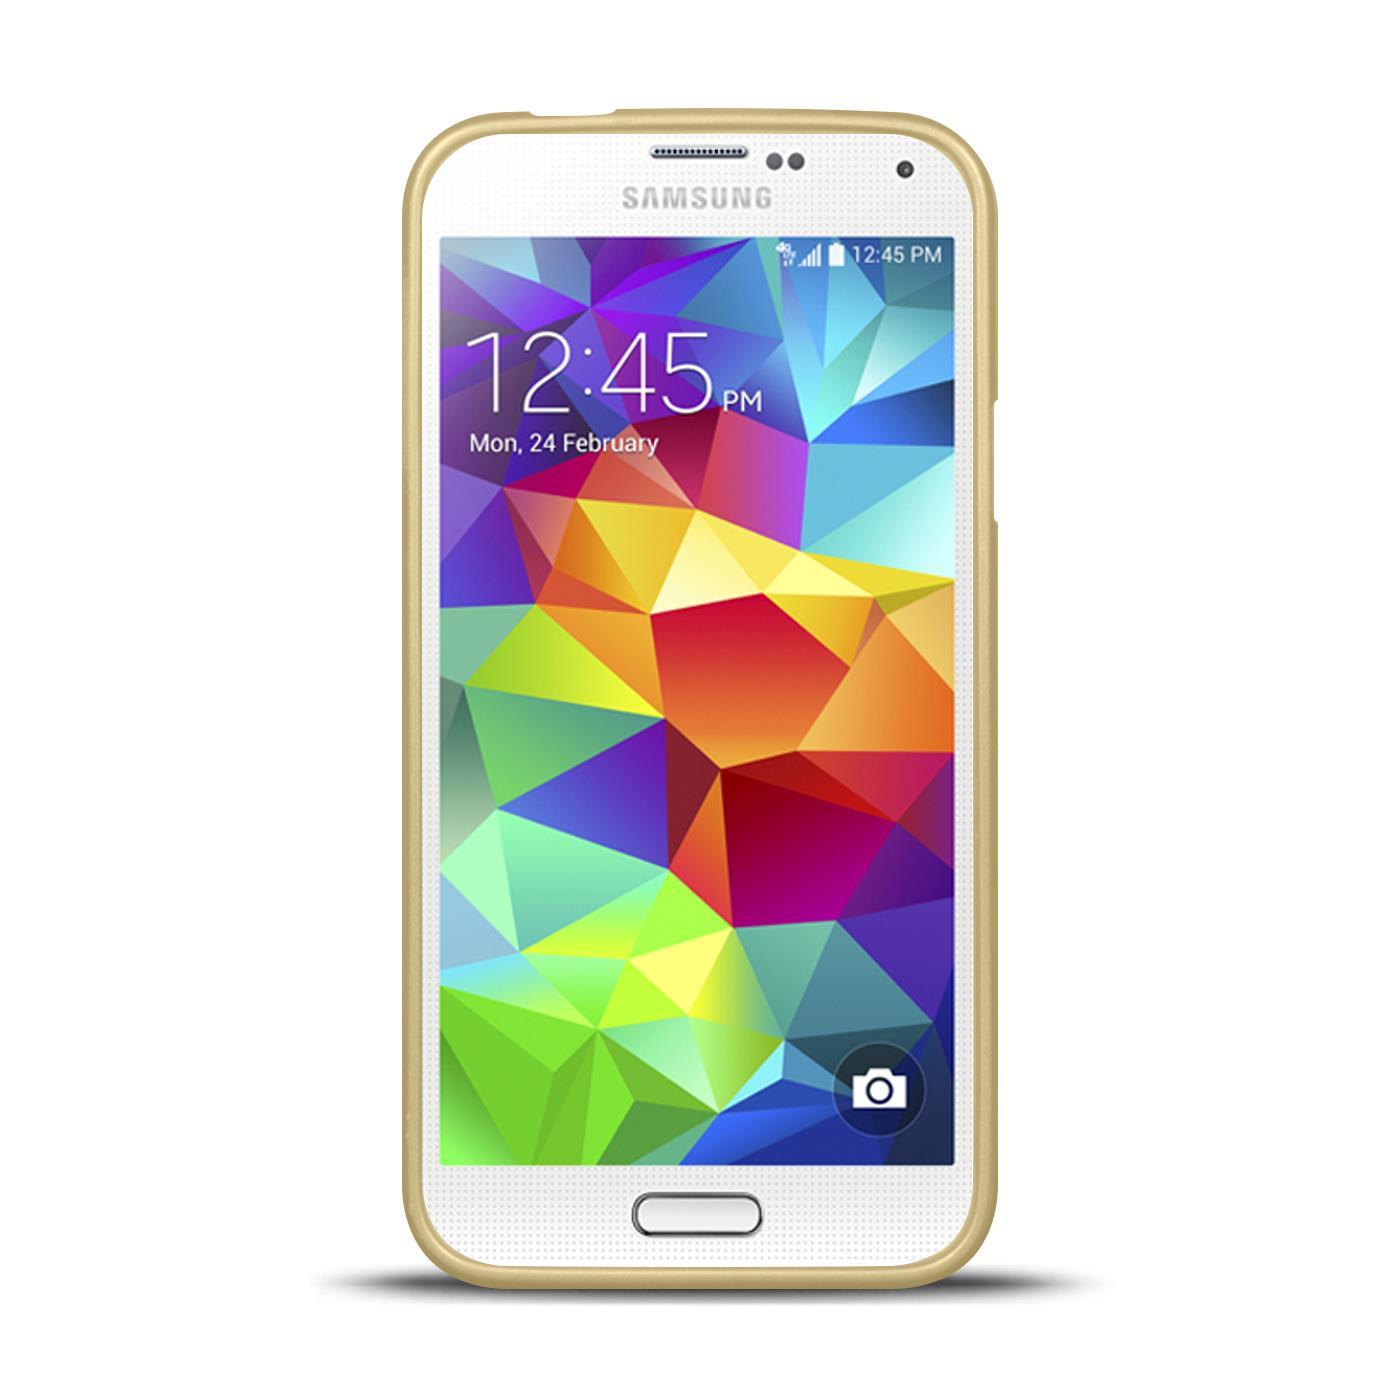 Silikon-Bumper-Case-Samsung-Galaxy-s5-Neo-duenne-ultra-slim-Stossfeste-Rueckschale Indexbild 15